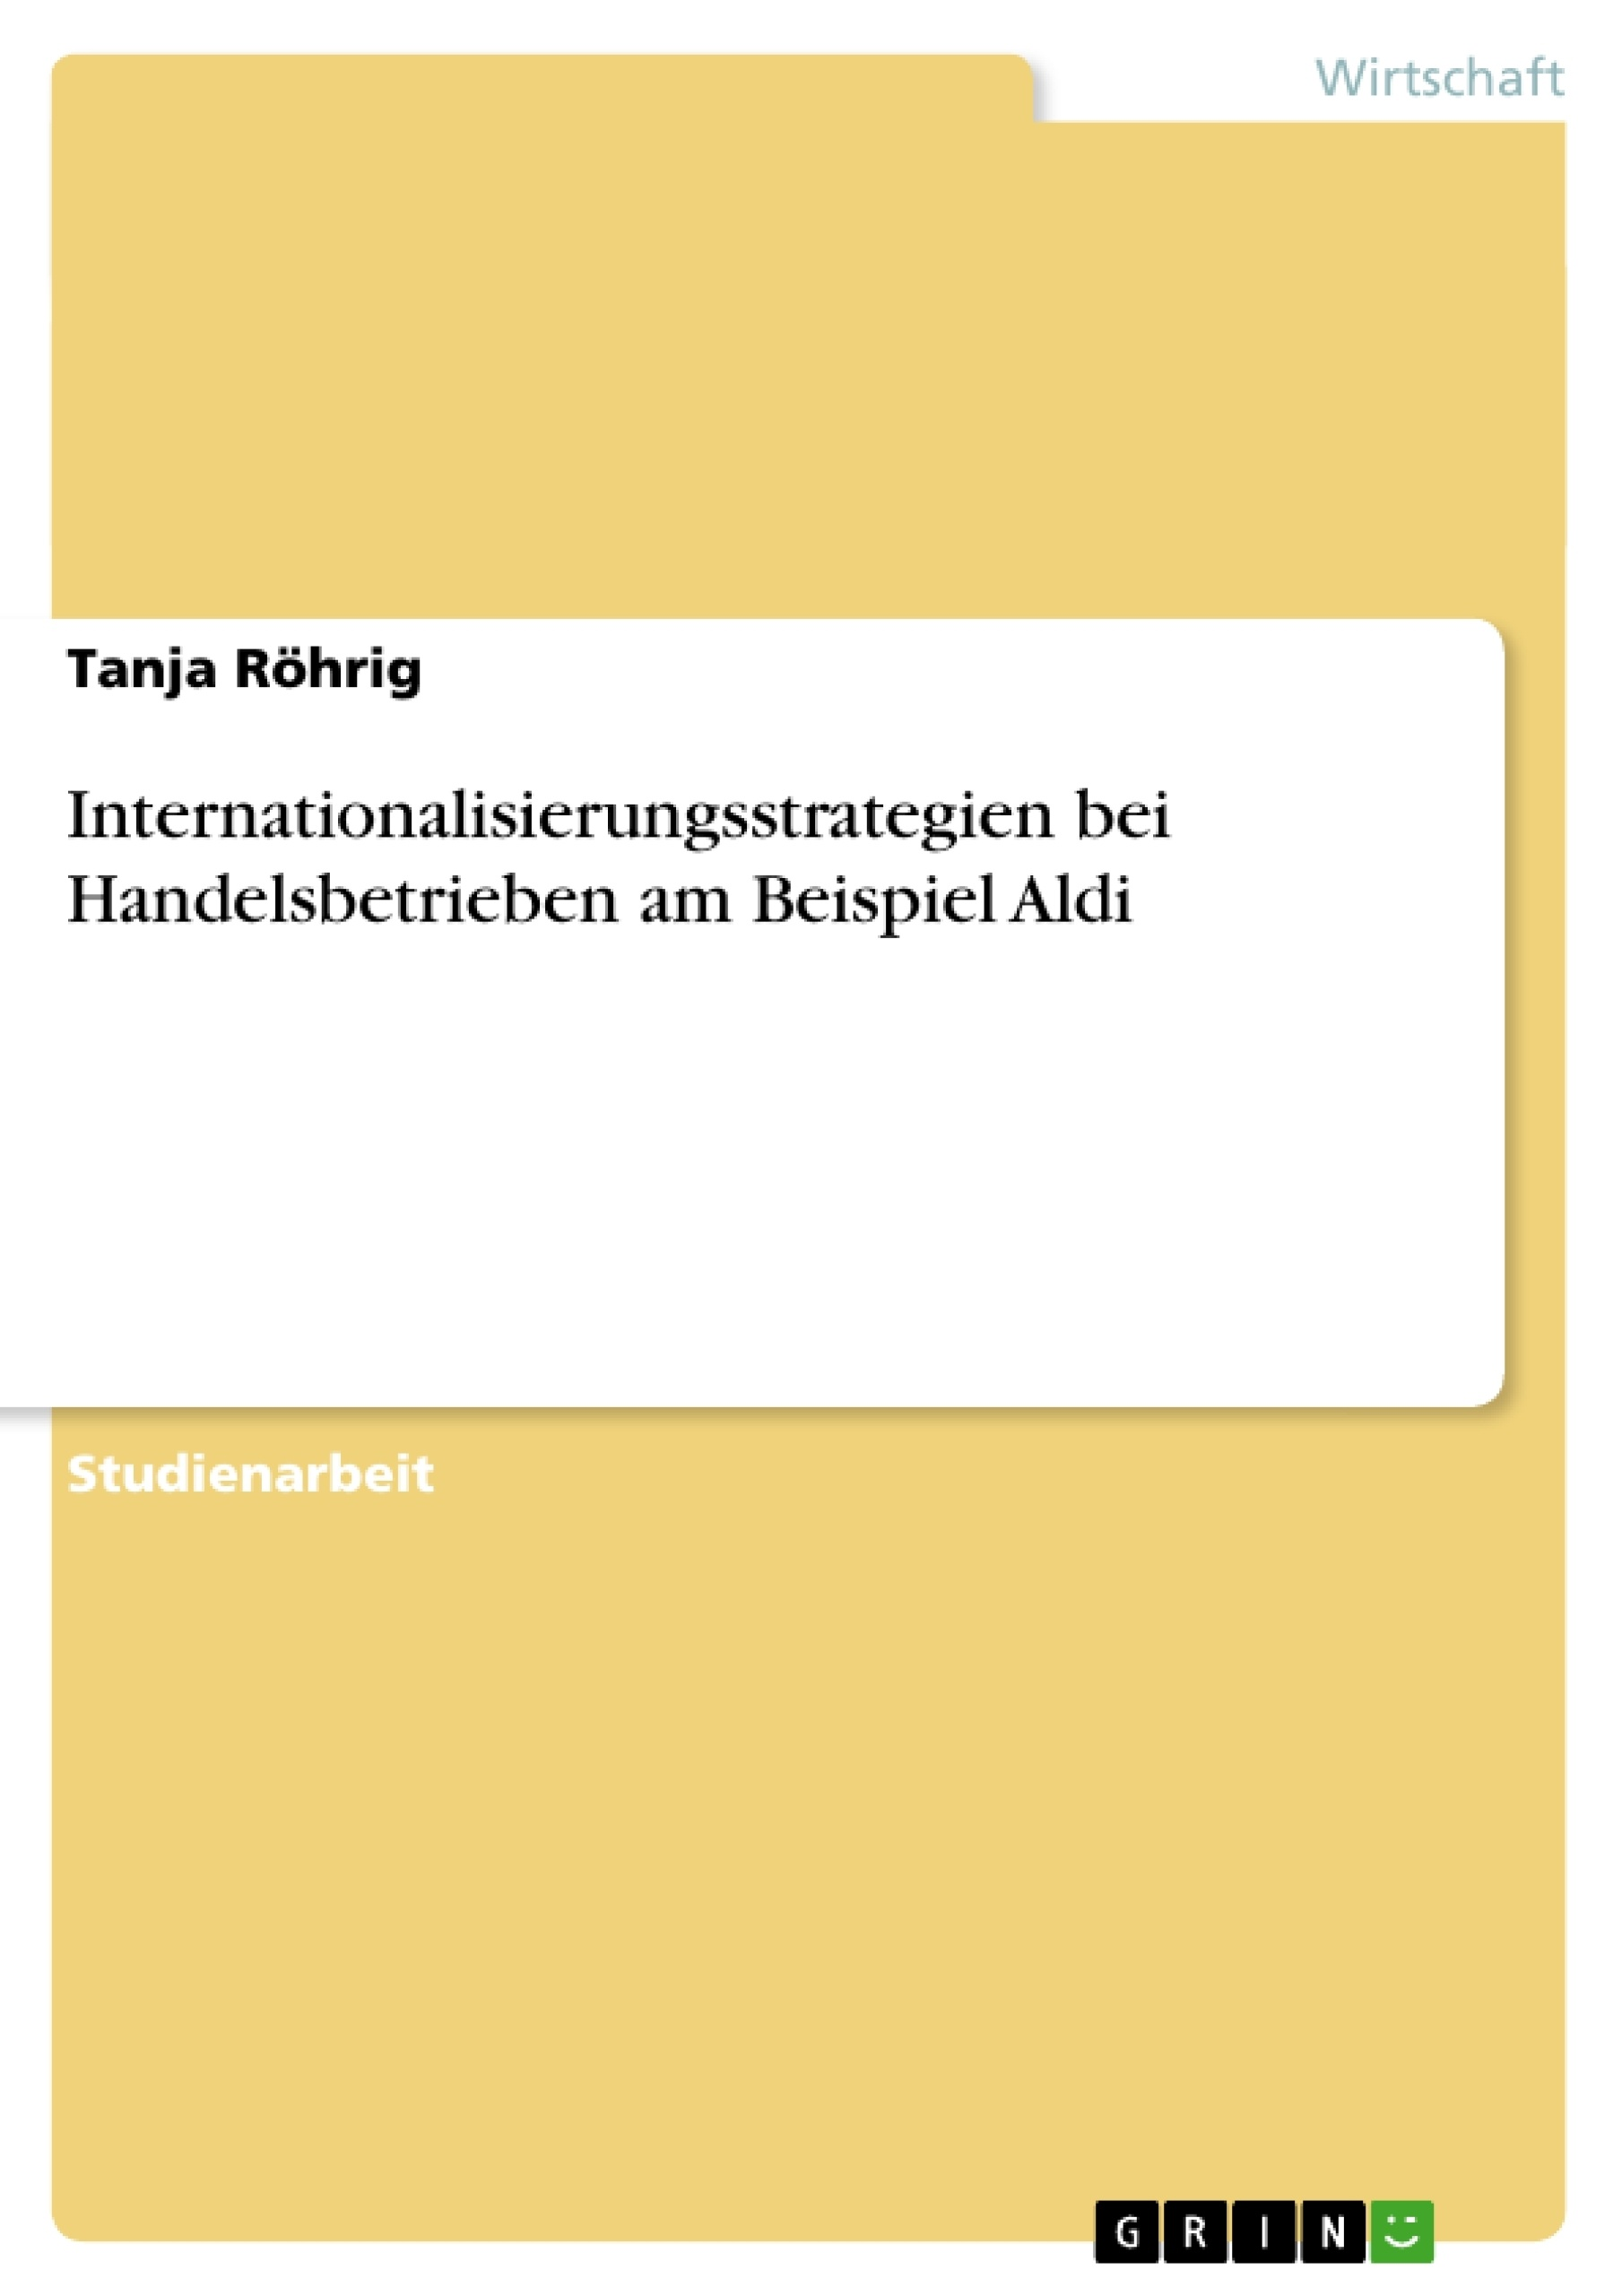 Titel: Internationalisierungsstrategien bei Handelsbetrieben am Beispiel Aldi